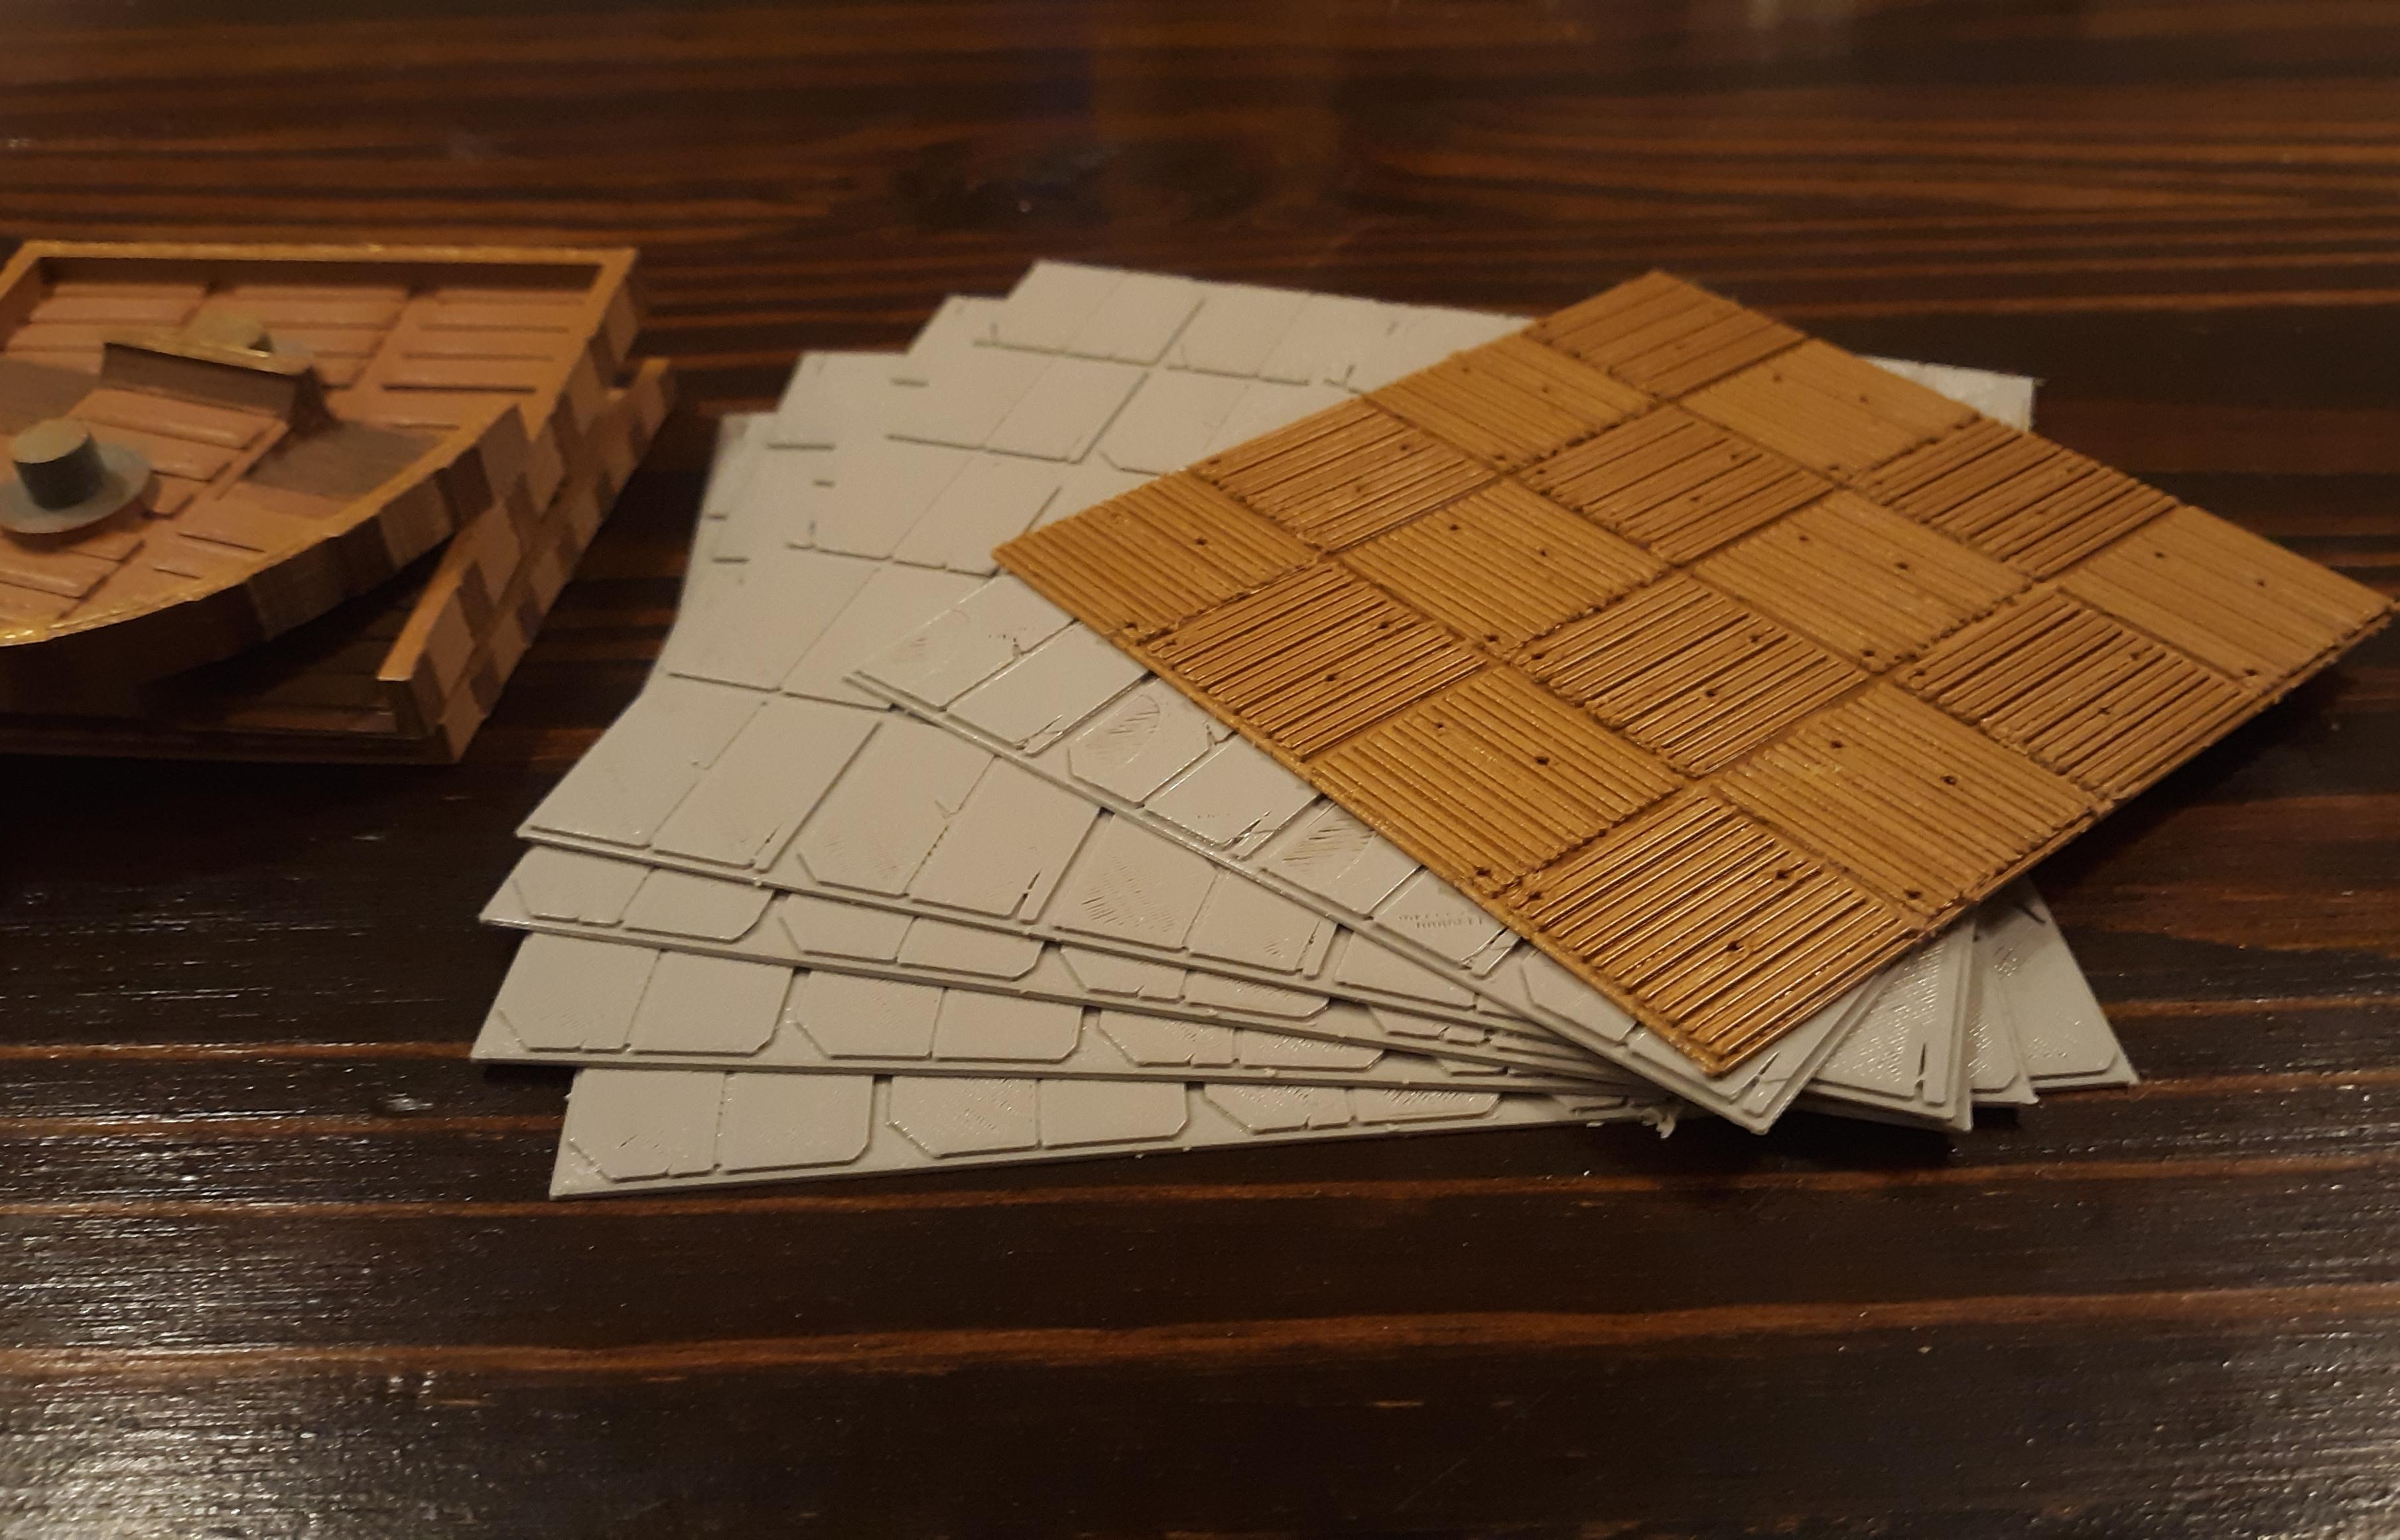 20191011_205010.jpg Download free STL file Minimalist Flooring • 3D printer template, mrhers2